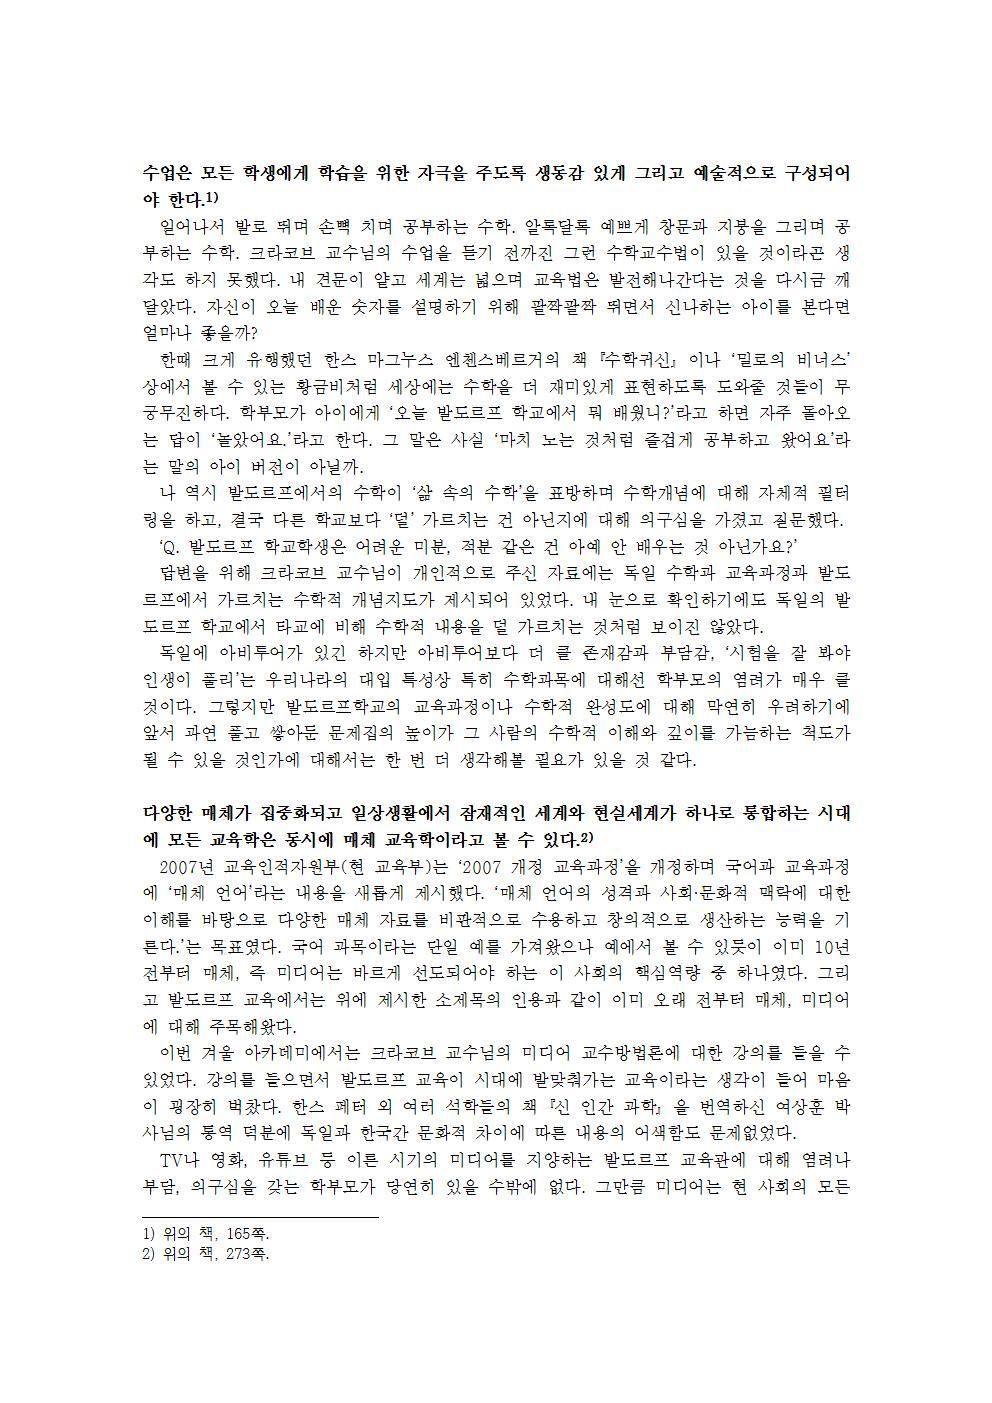 겨울아카데미 김관우 후기글..2번째이야기